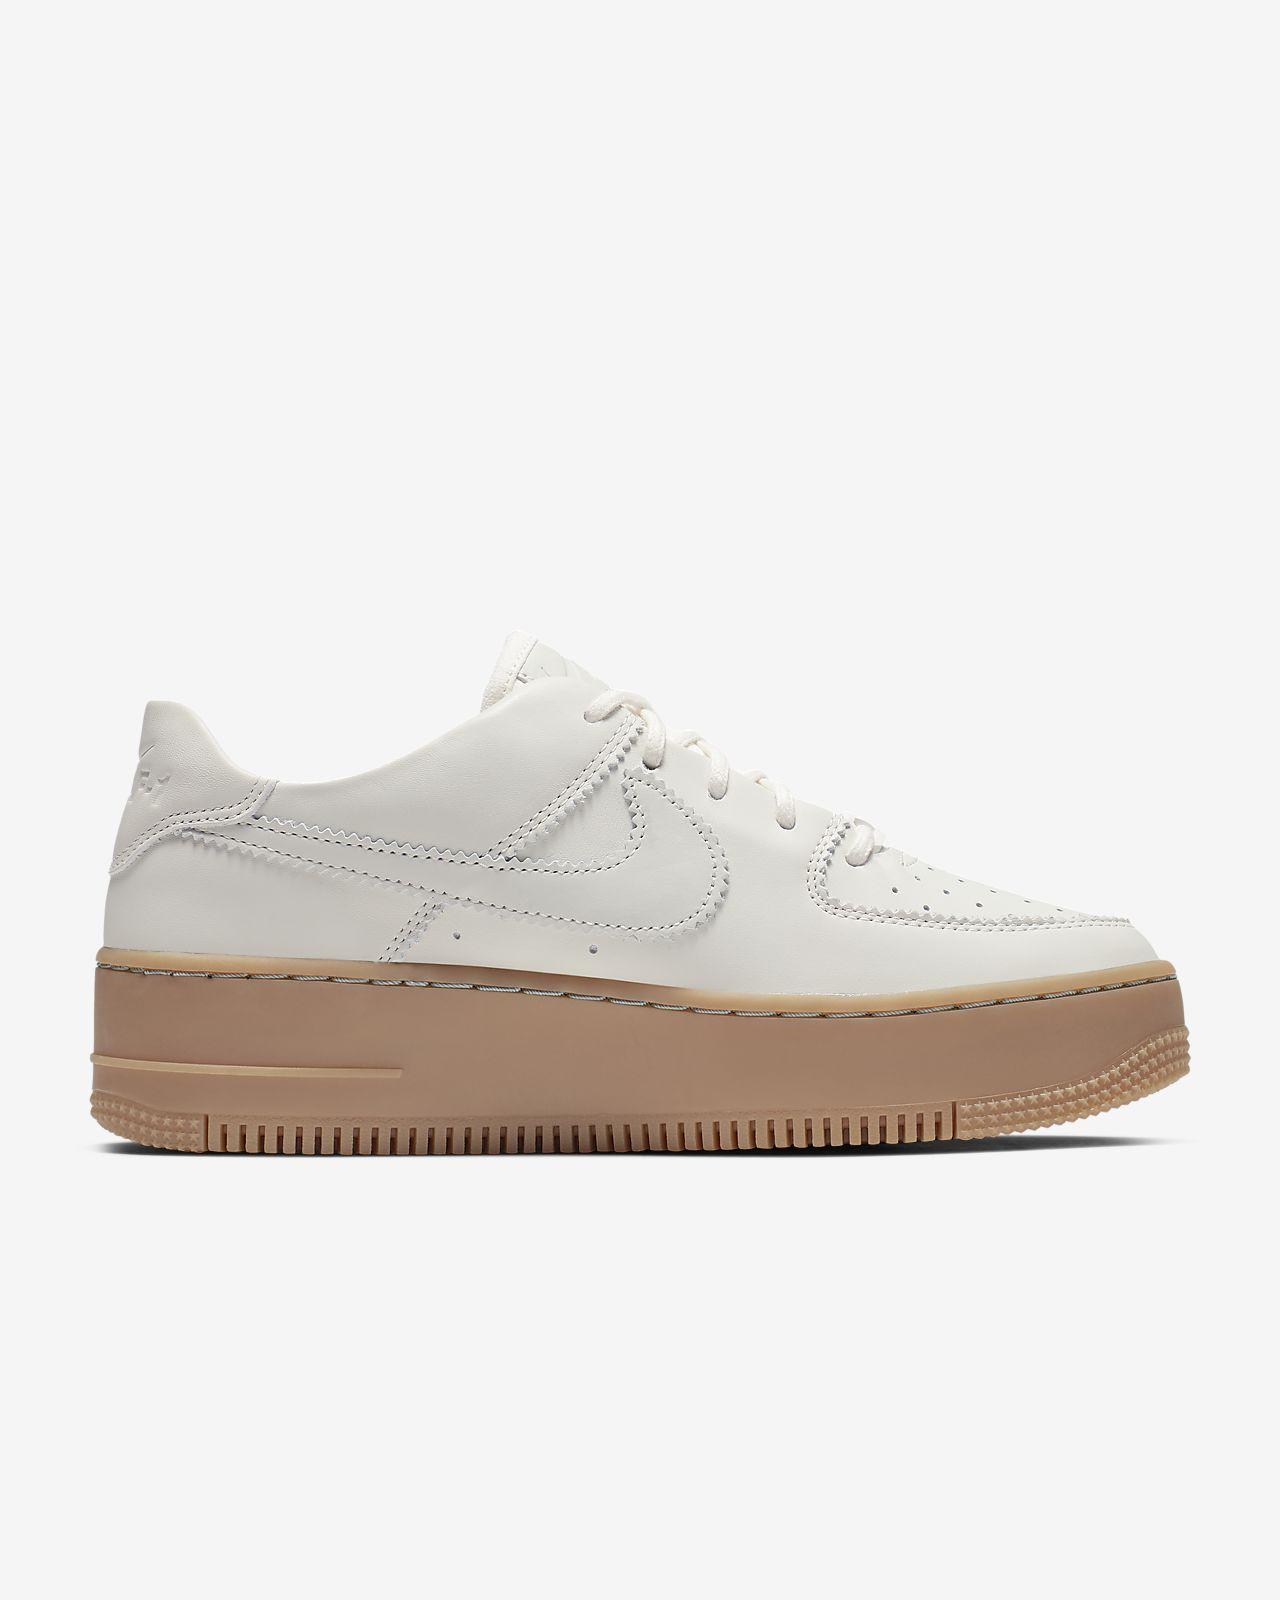 new style 99712 574ce Nike Air Force 1 Sage Low LX-sko til kvinder. Nike.com DK